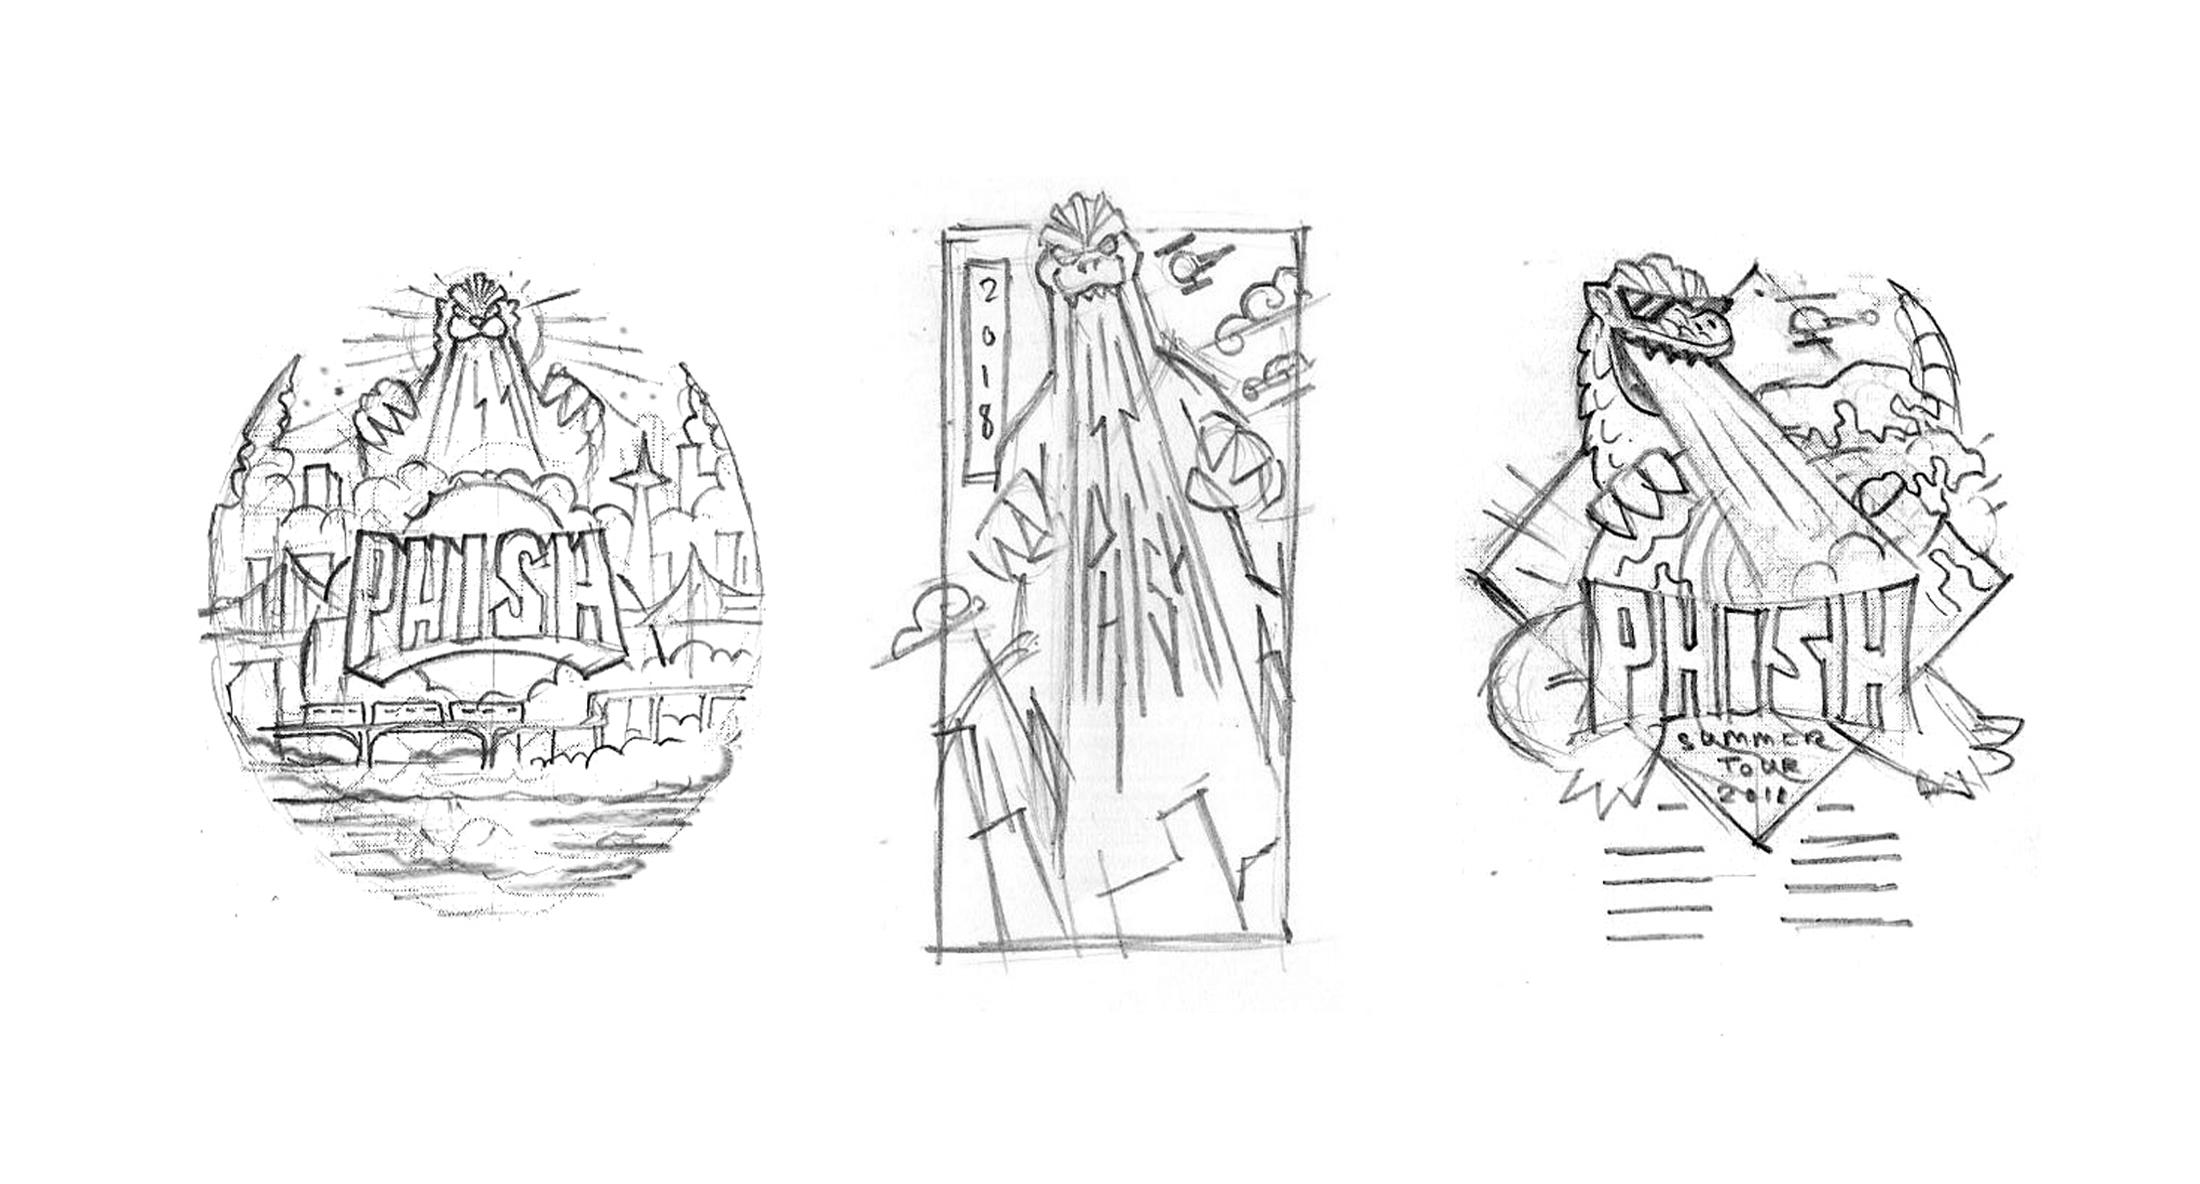 Phish_Godzilla_sketches01.jpg